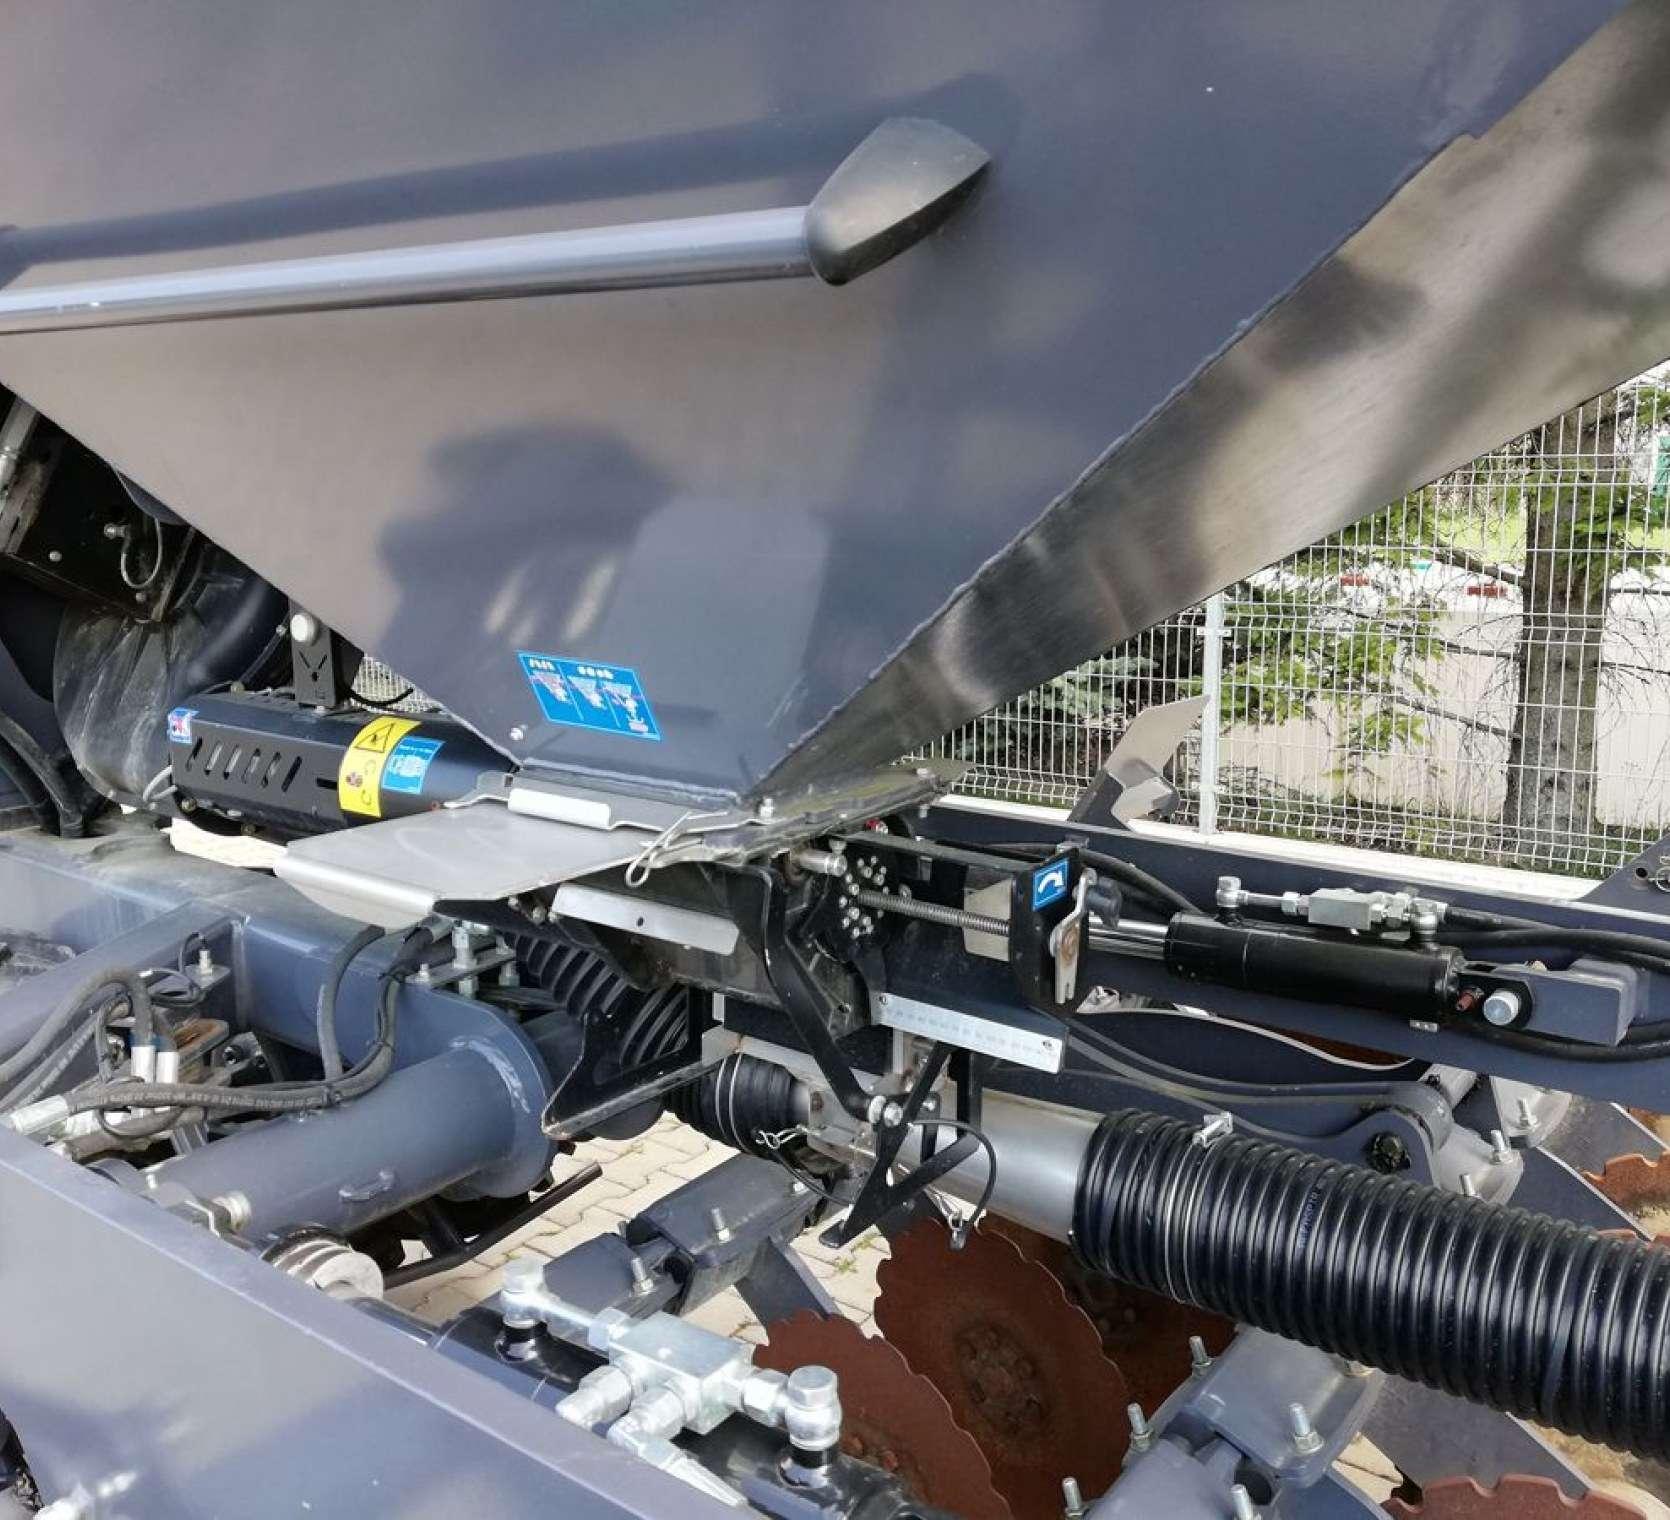 Podział ziarna za pomocą dozownika elektrycznego i pneumatyczny transport